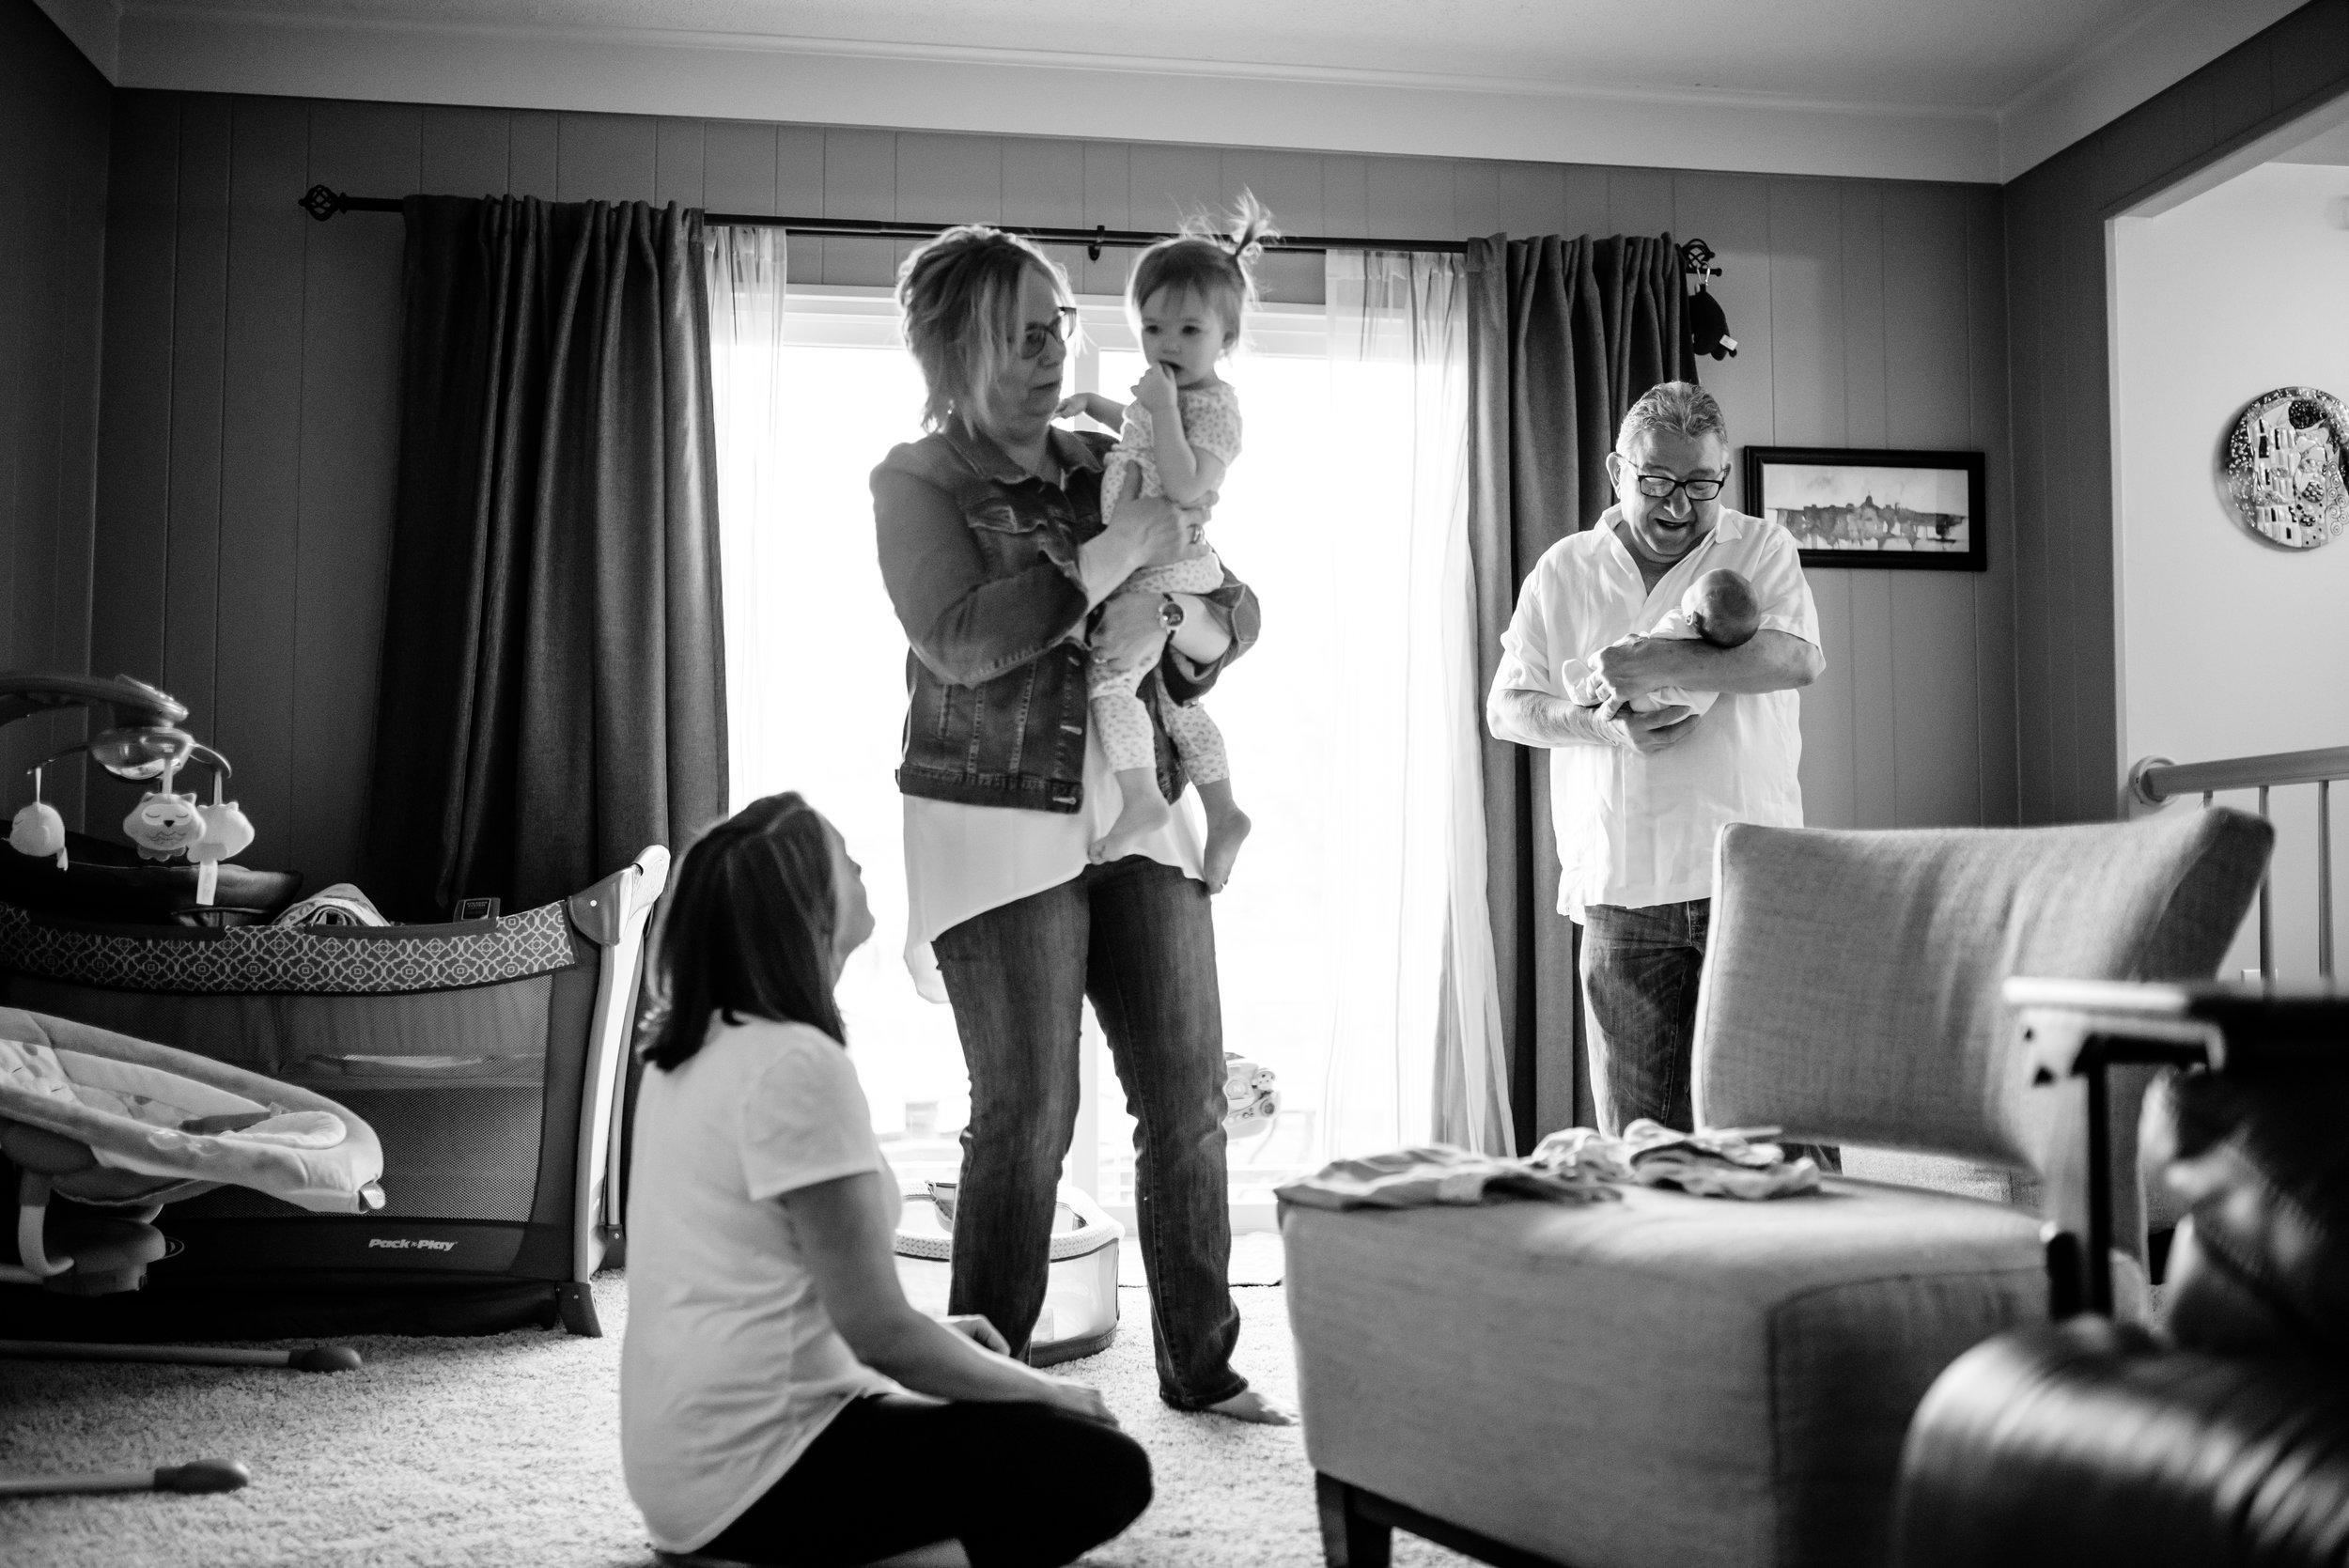 Grandparents hold grandchildren, Mom looks up from floor